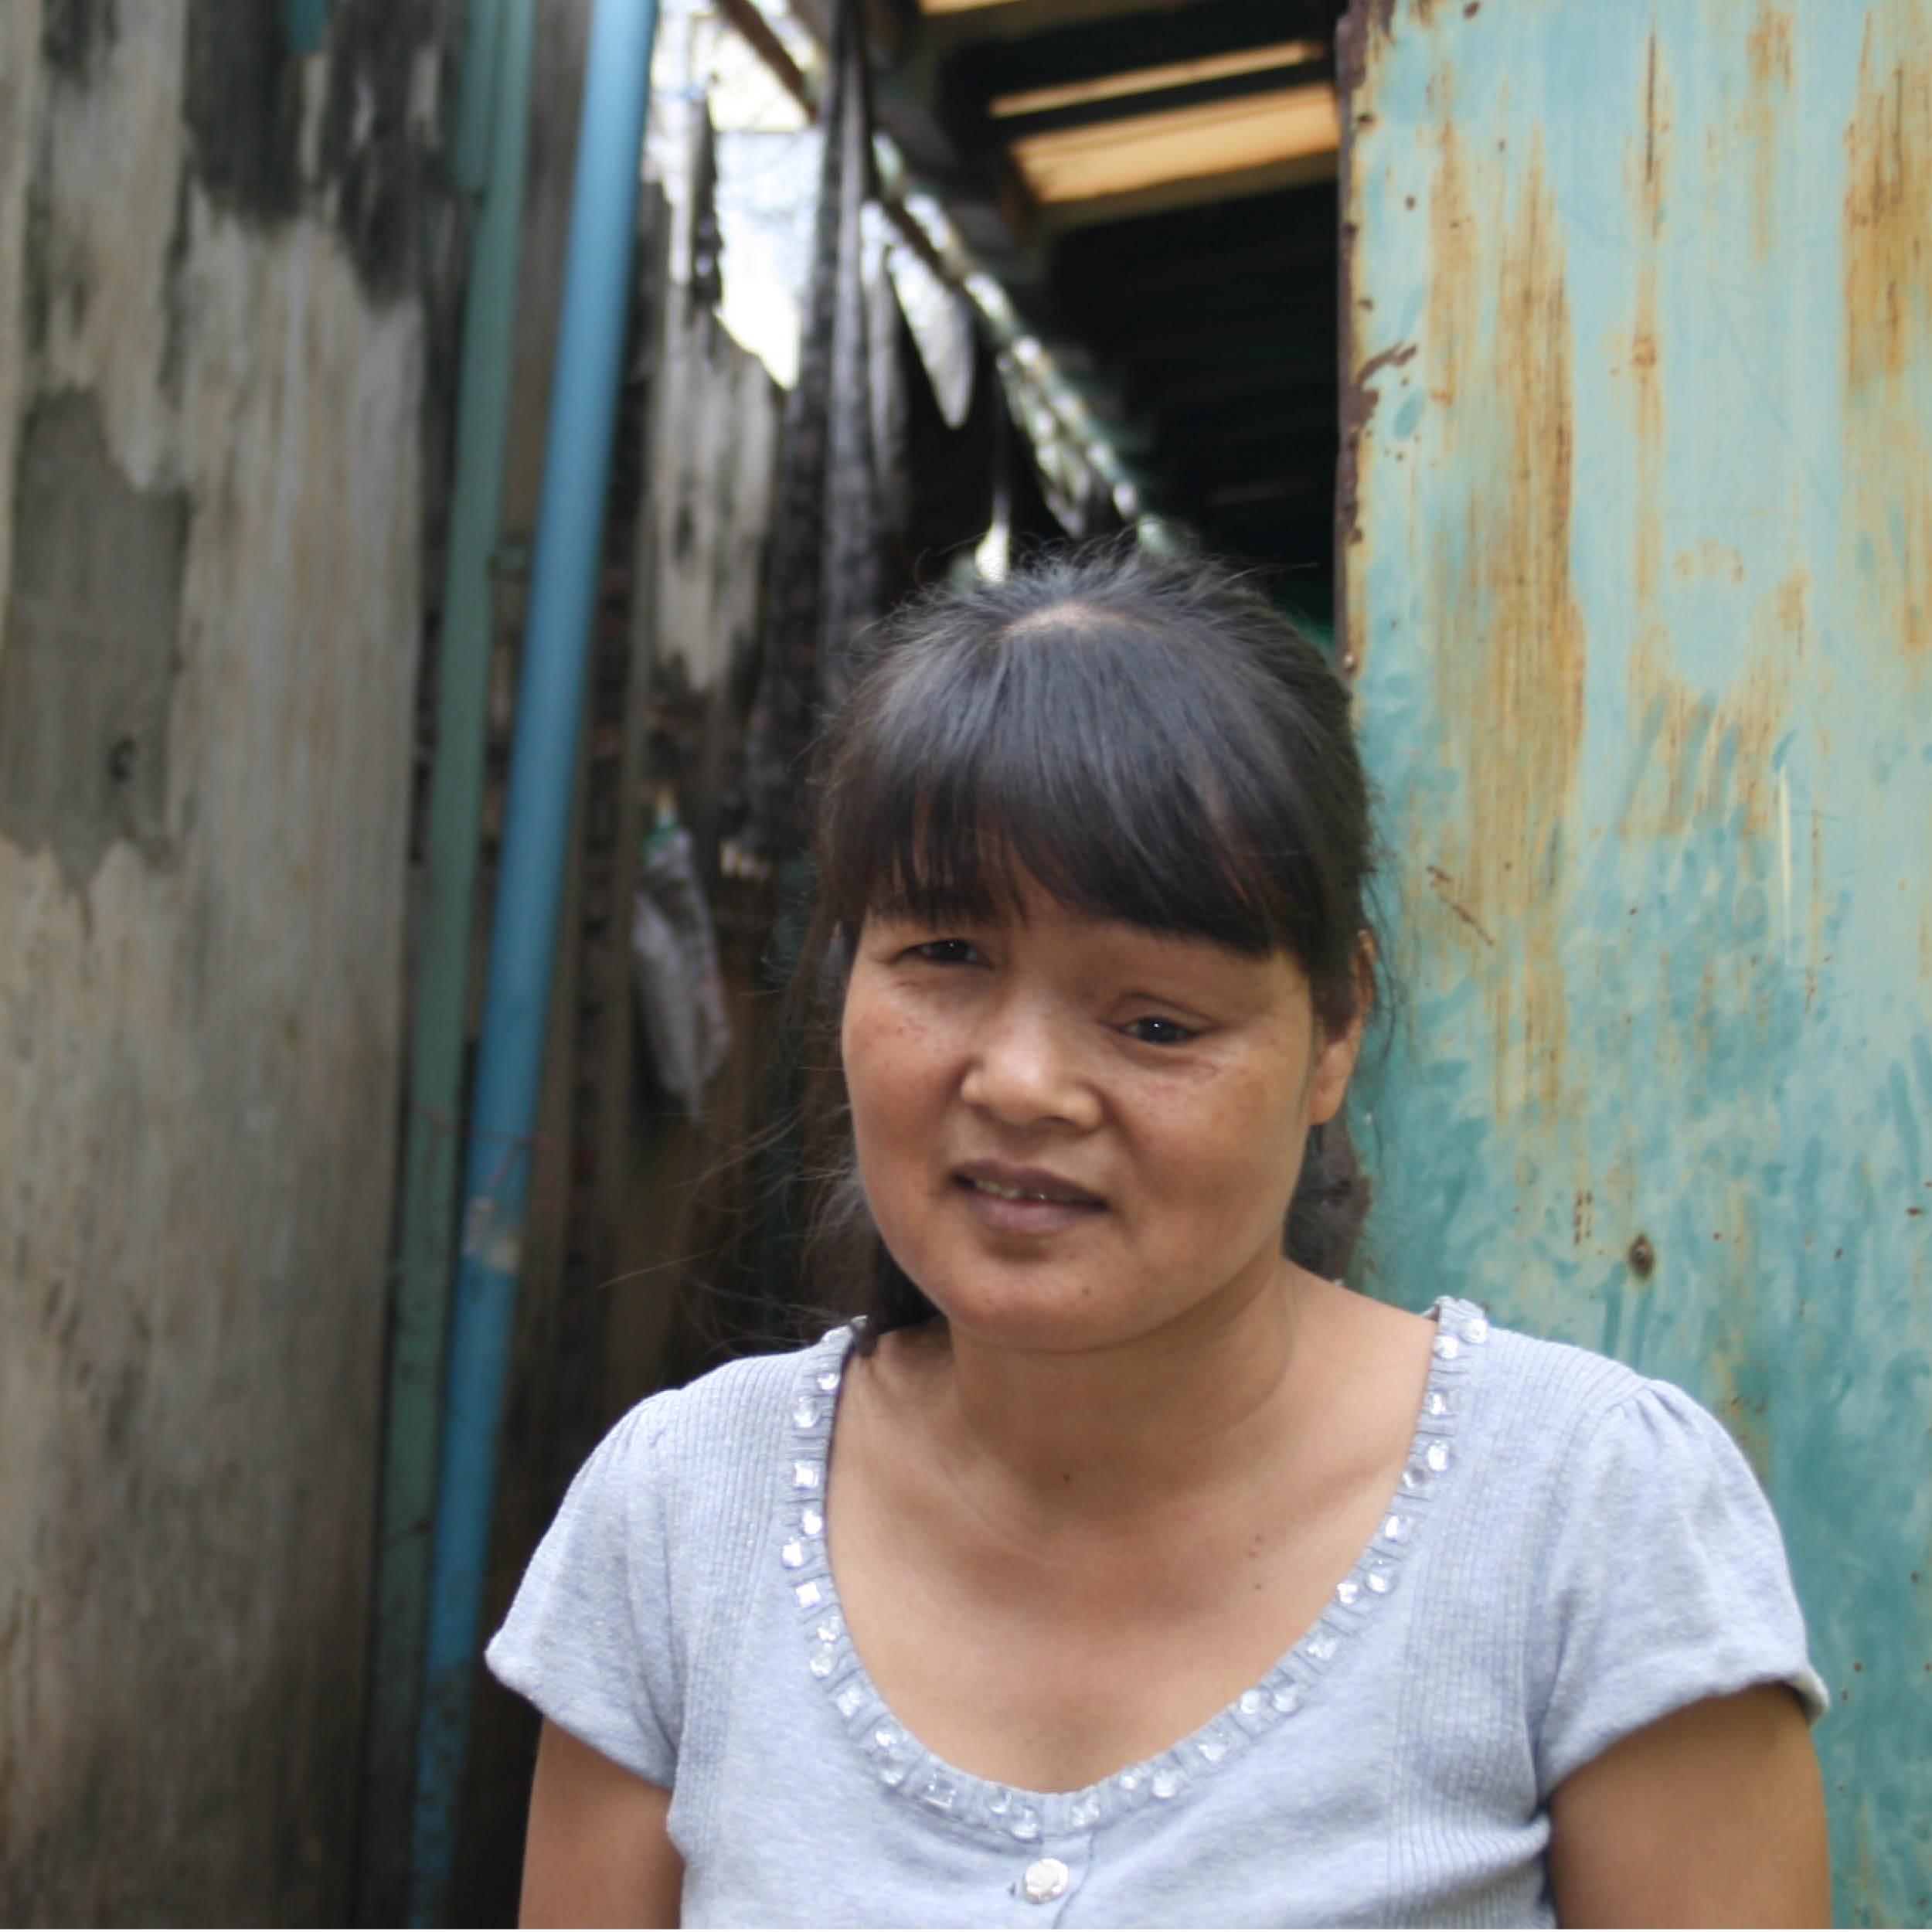 """DIREKTRICE    HERKUNFT: Kandal, Kambodscha ALTER: 48 ♥ FARBE: weiß   Mein Name ist Put Sophea und ich komme aus der kambodschanischen Provinz Kandal. """"Sophea"""" bedeutet """"Hase"""" und Hasen sagt man bei uns nach, dass sie sehr schlau sind – ich mag meinen Namen J. Ich habe zwei Schwestern und zwei Brüder. Ich bin nicht verheiratet, aber ich wünsche mir, dass ich eines Tages eine schöne Famile habe.  Ich mag meine Arbeit. Ich bin bei uns im Workshop die Schnittzeichnerin und Direktrice, das heißt, dass ich die höchste Fachkraft im Handwerksbereich bin. Ich zeige den Kolleginnen und Kollegen wie sie die Produkte genau nähen sollen und kontrolliere auch die Qualität. Ich fertige immer das erste Sample für Sissi an und nach diesem Vorbild setzen wir es dann um. Manchmal designe ich auch ganz neue Sachen nach meinen eigenen Vorstellungen.  Mir ist mein Job sehr wichtig, weil ich mich und meine Familie mit meinem Verdienst erhalten kann und er ermöglicht uns sogar einen guten Lebensstandard.  Was ich liebe: Ausflüge mit meinen Kolleginnen und Kollegen als Gruppe  Was ich nicht mag: Wenn jemand Unwahrheiten erzählt"""